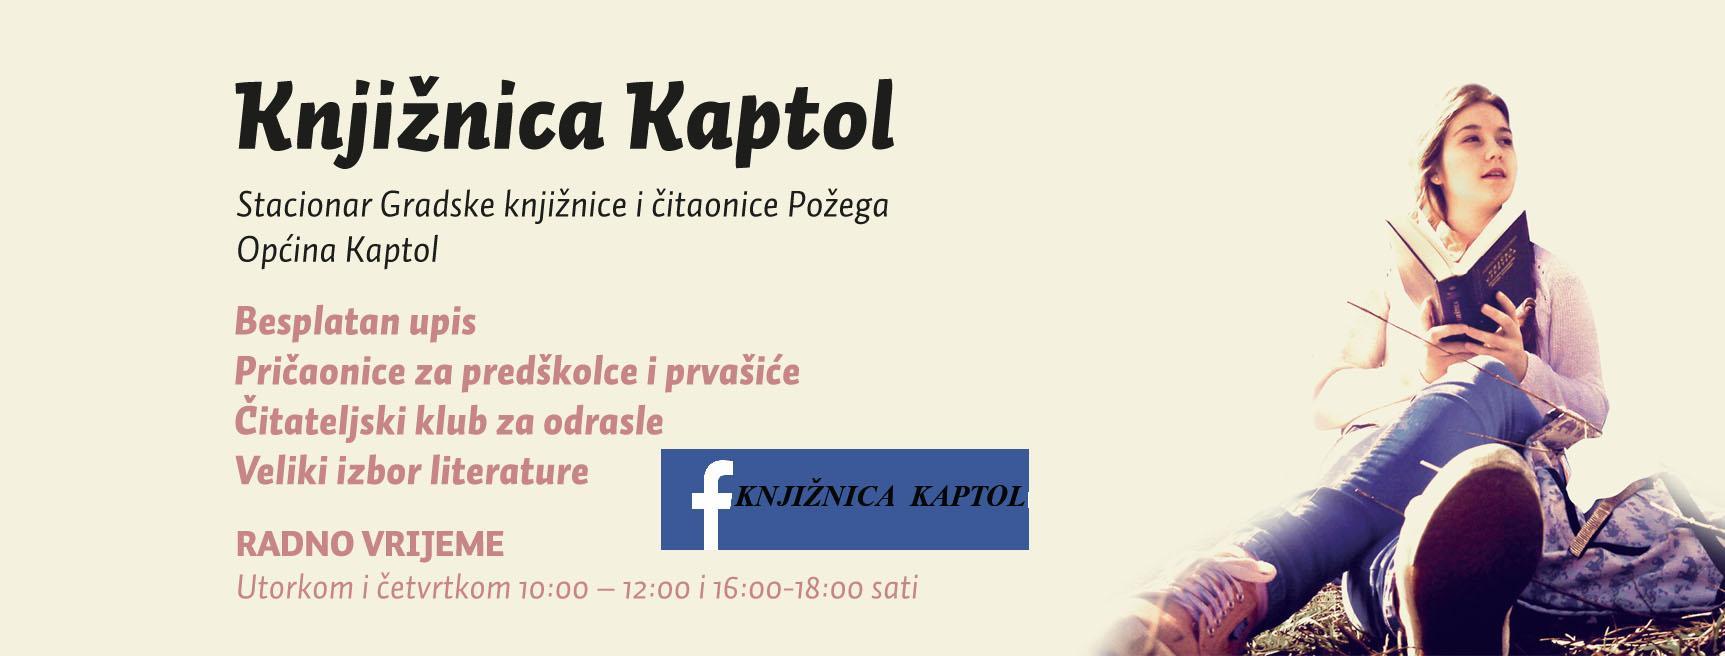 LokalnaHrvatska.hr Kaptol Knjiznica u Kaptolu privremeno je nedostupna